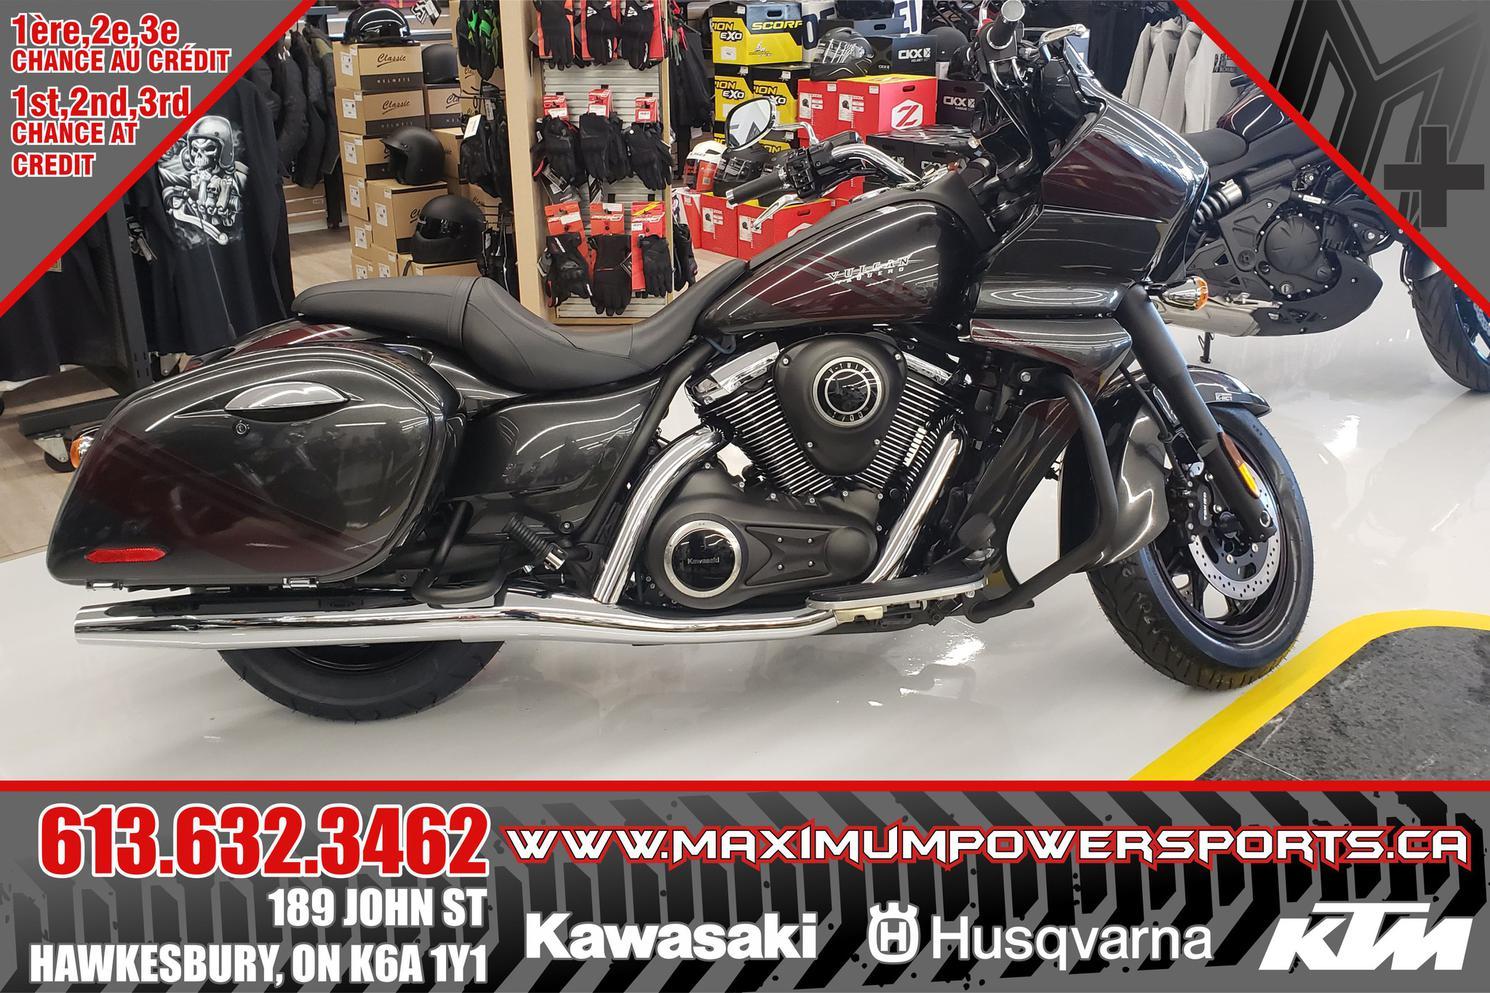 2021 Kawasaki VULCAN - VULCAN 1700 VAQUERO ABS